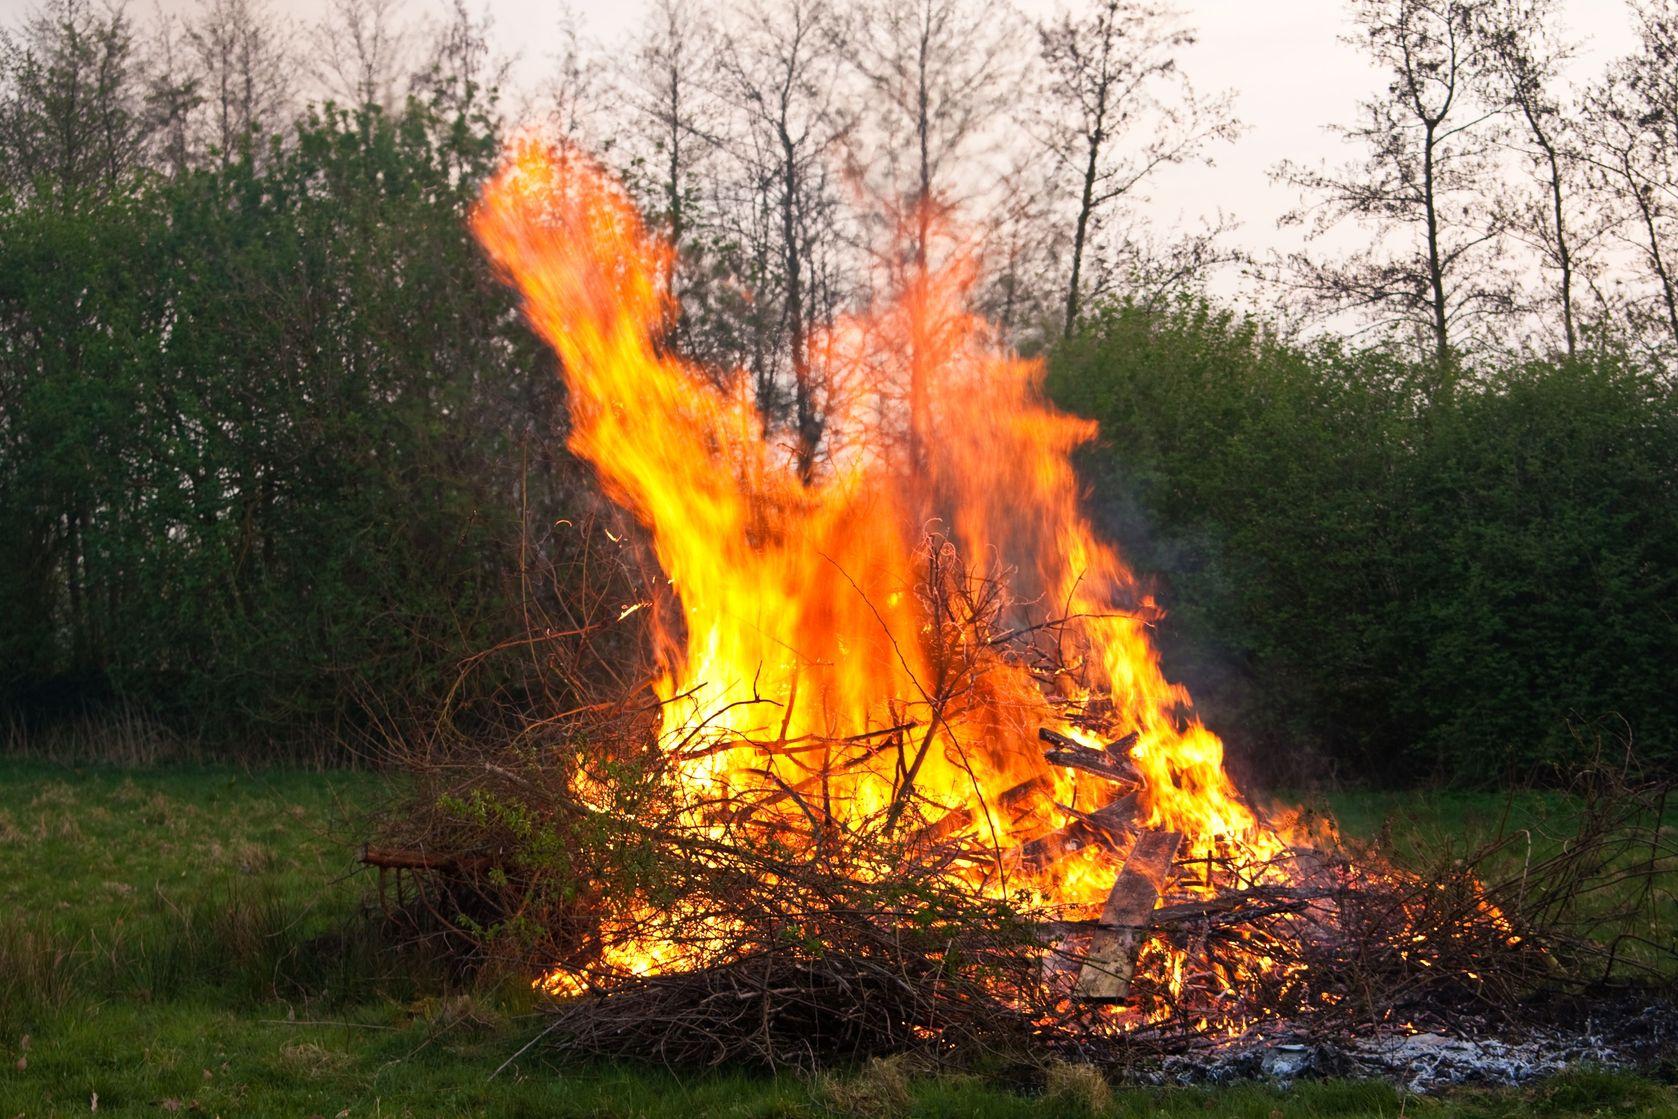 上图:焚烧「荆棘和蒺藜」,被焚烧的不是田地,而是田地里长出的「荆棘和蒺藜」。因此,来六8不是指真信徒会因犯罪而失去救恩,而是指被神管教。